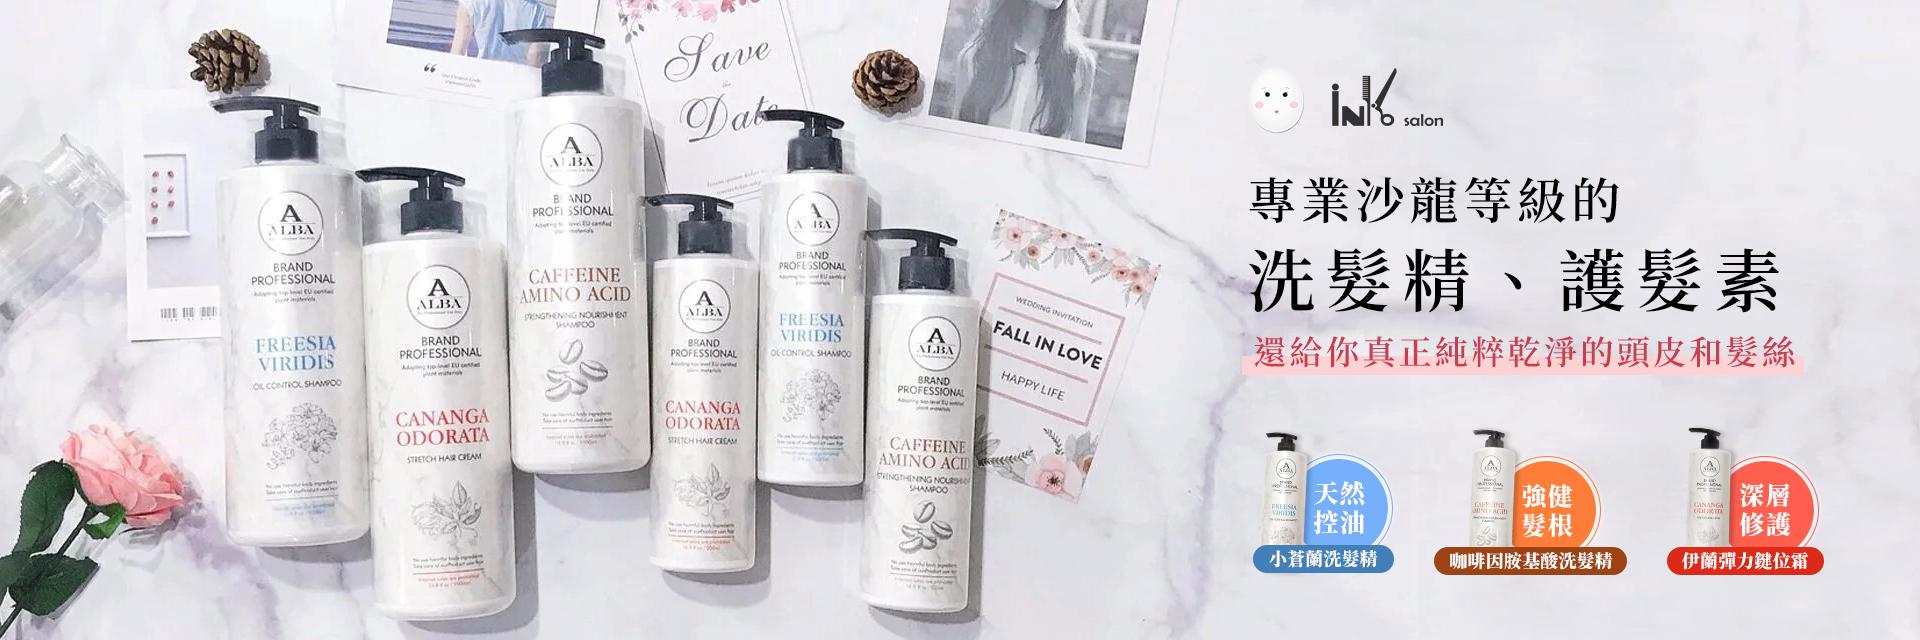 Ink Hair沙龍等級洗髮護髮產品介紹